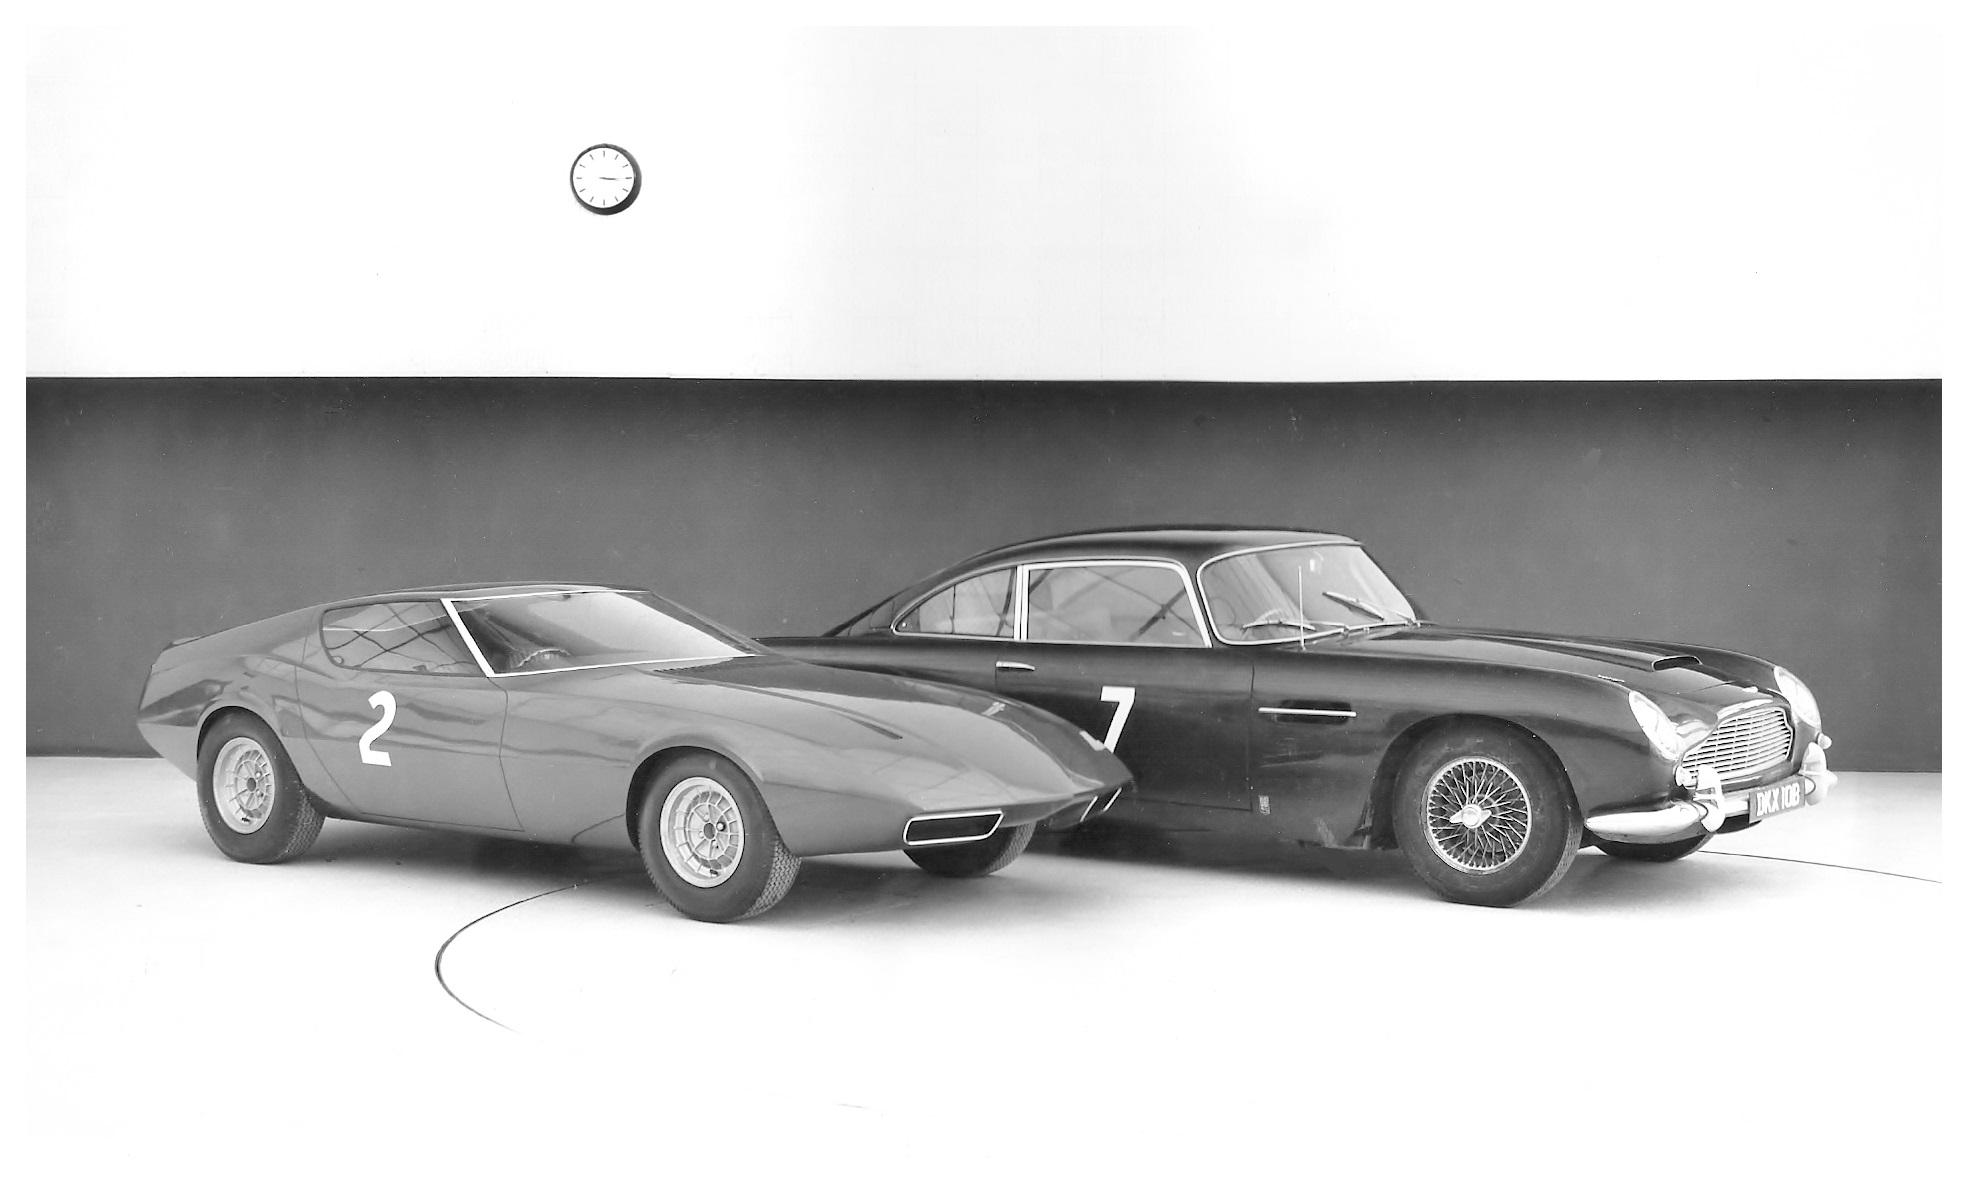 1964 Vauxhall Gt Autokonzepte